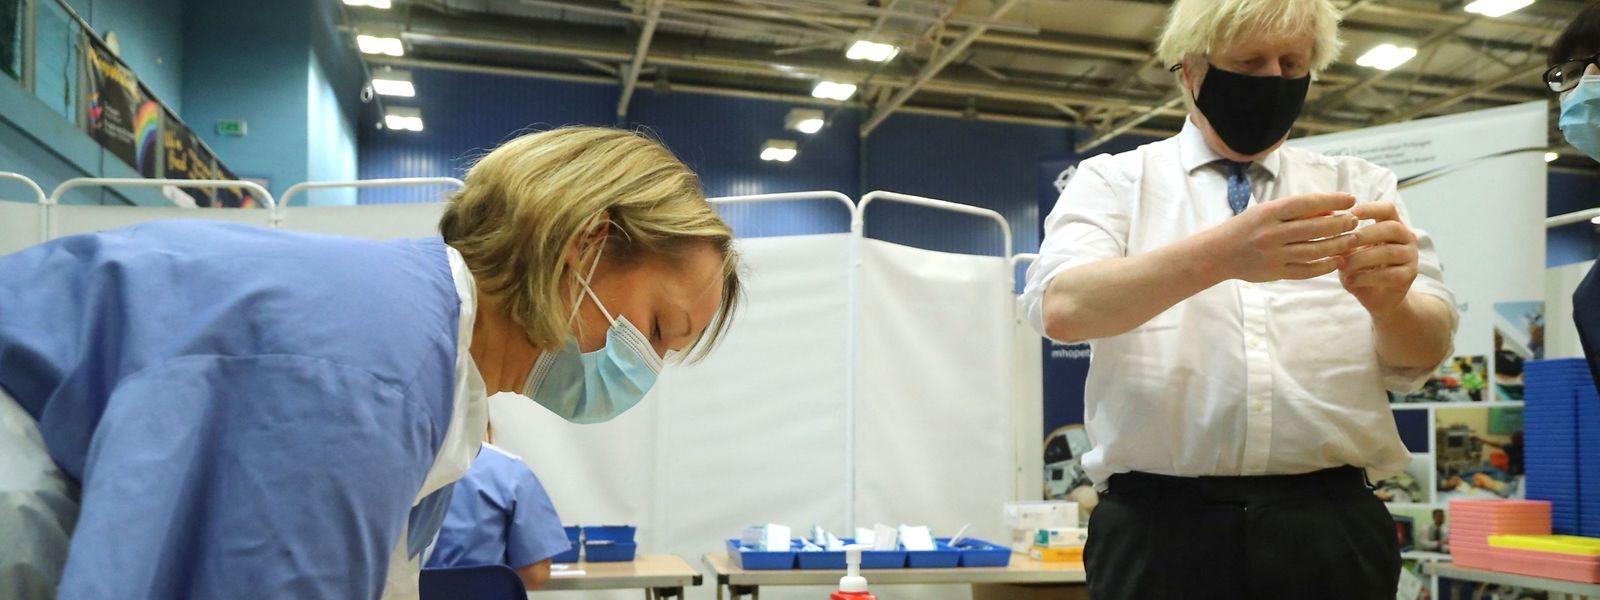 Ces derniers jours, le Premier ministre a multiplié les sorties pour se montrer aux côtés des équipes chargées de la vaccination.